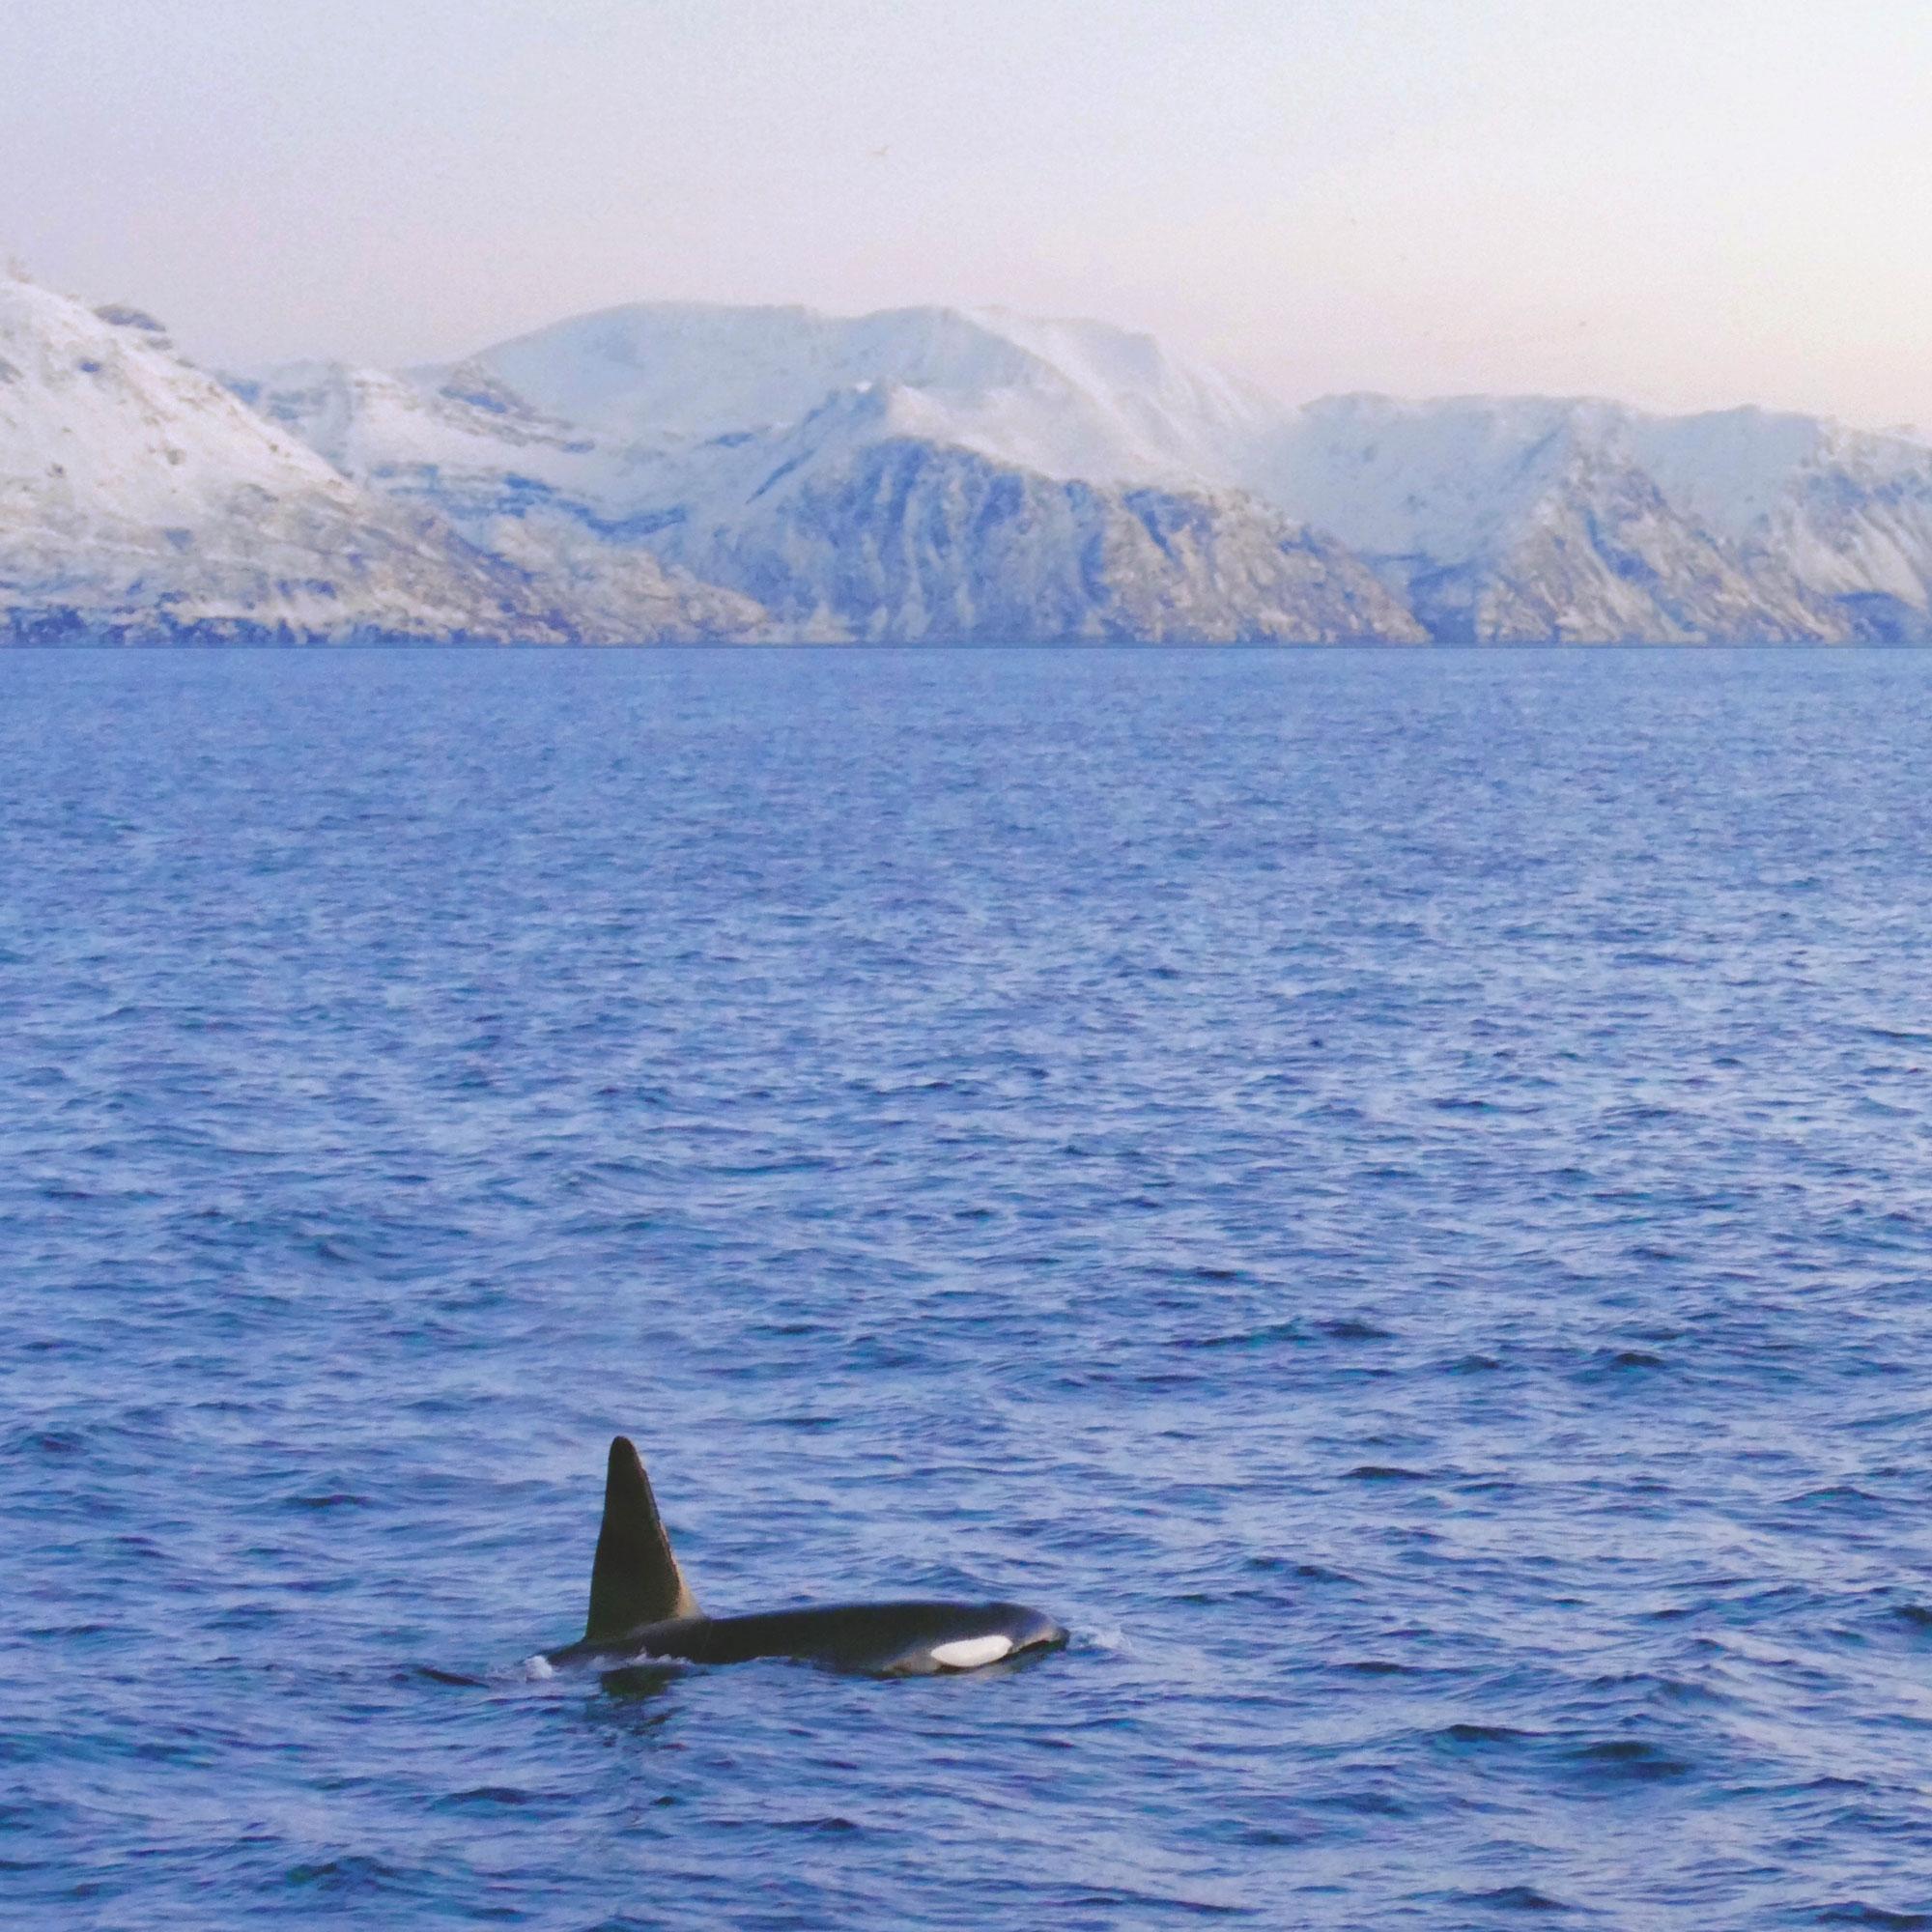 norwegen-wale-orcas-01.jpg